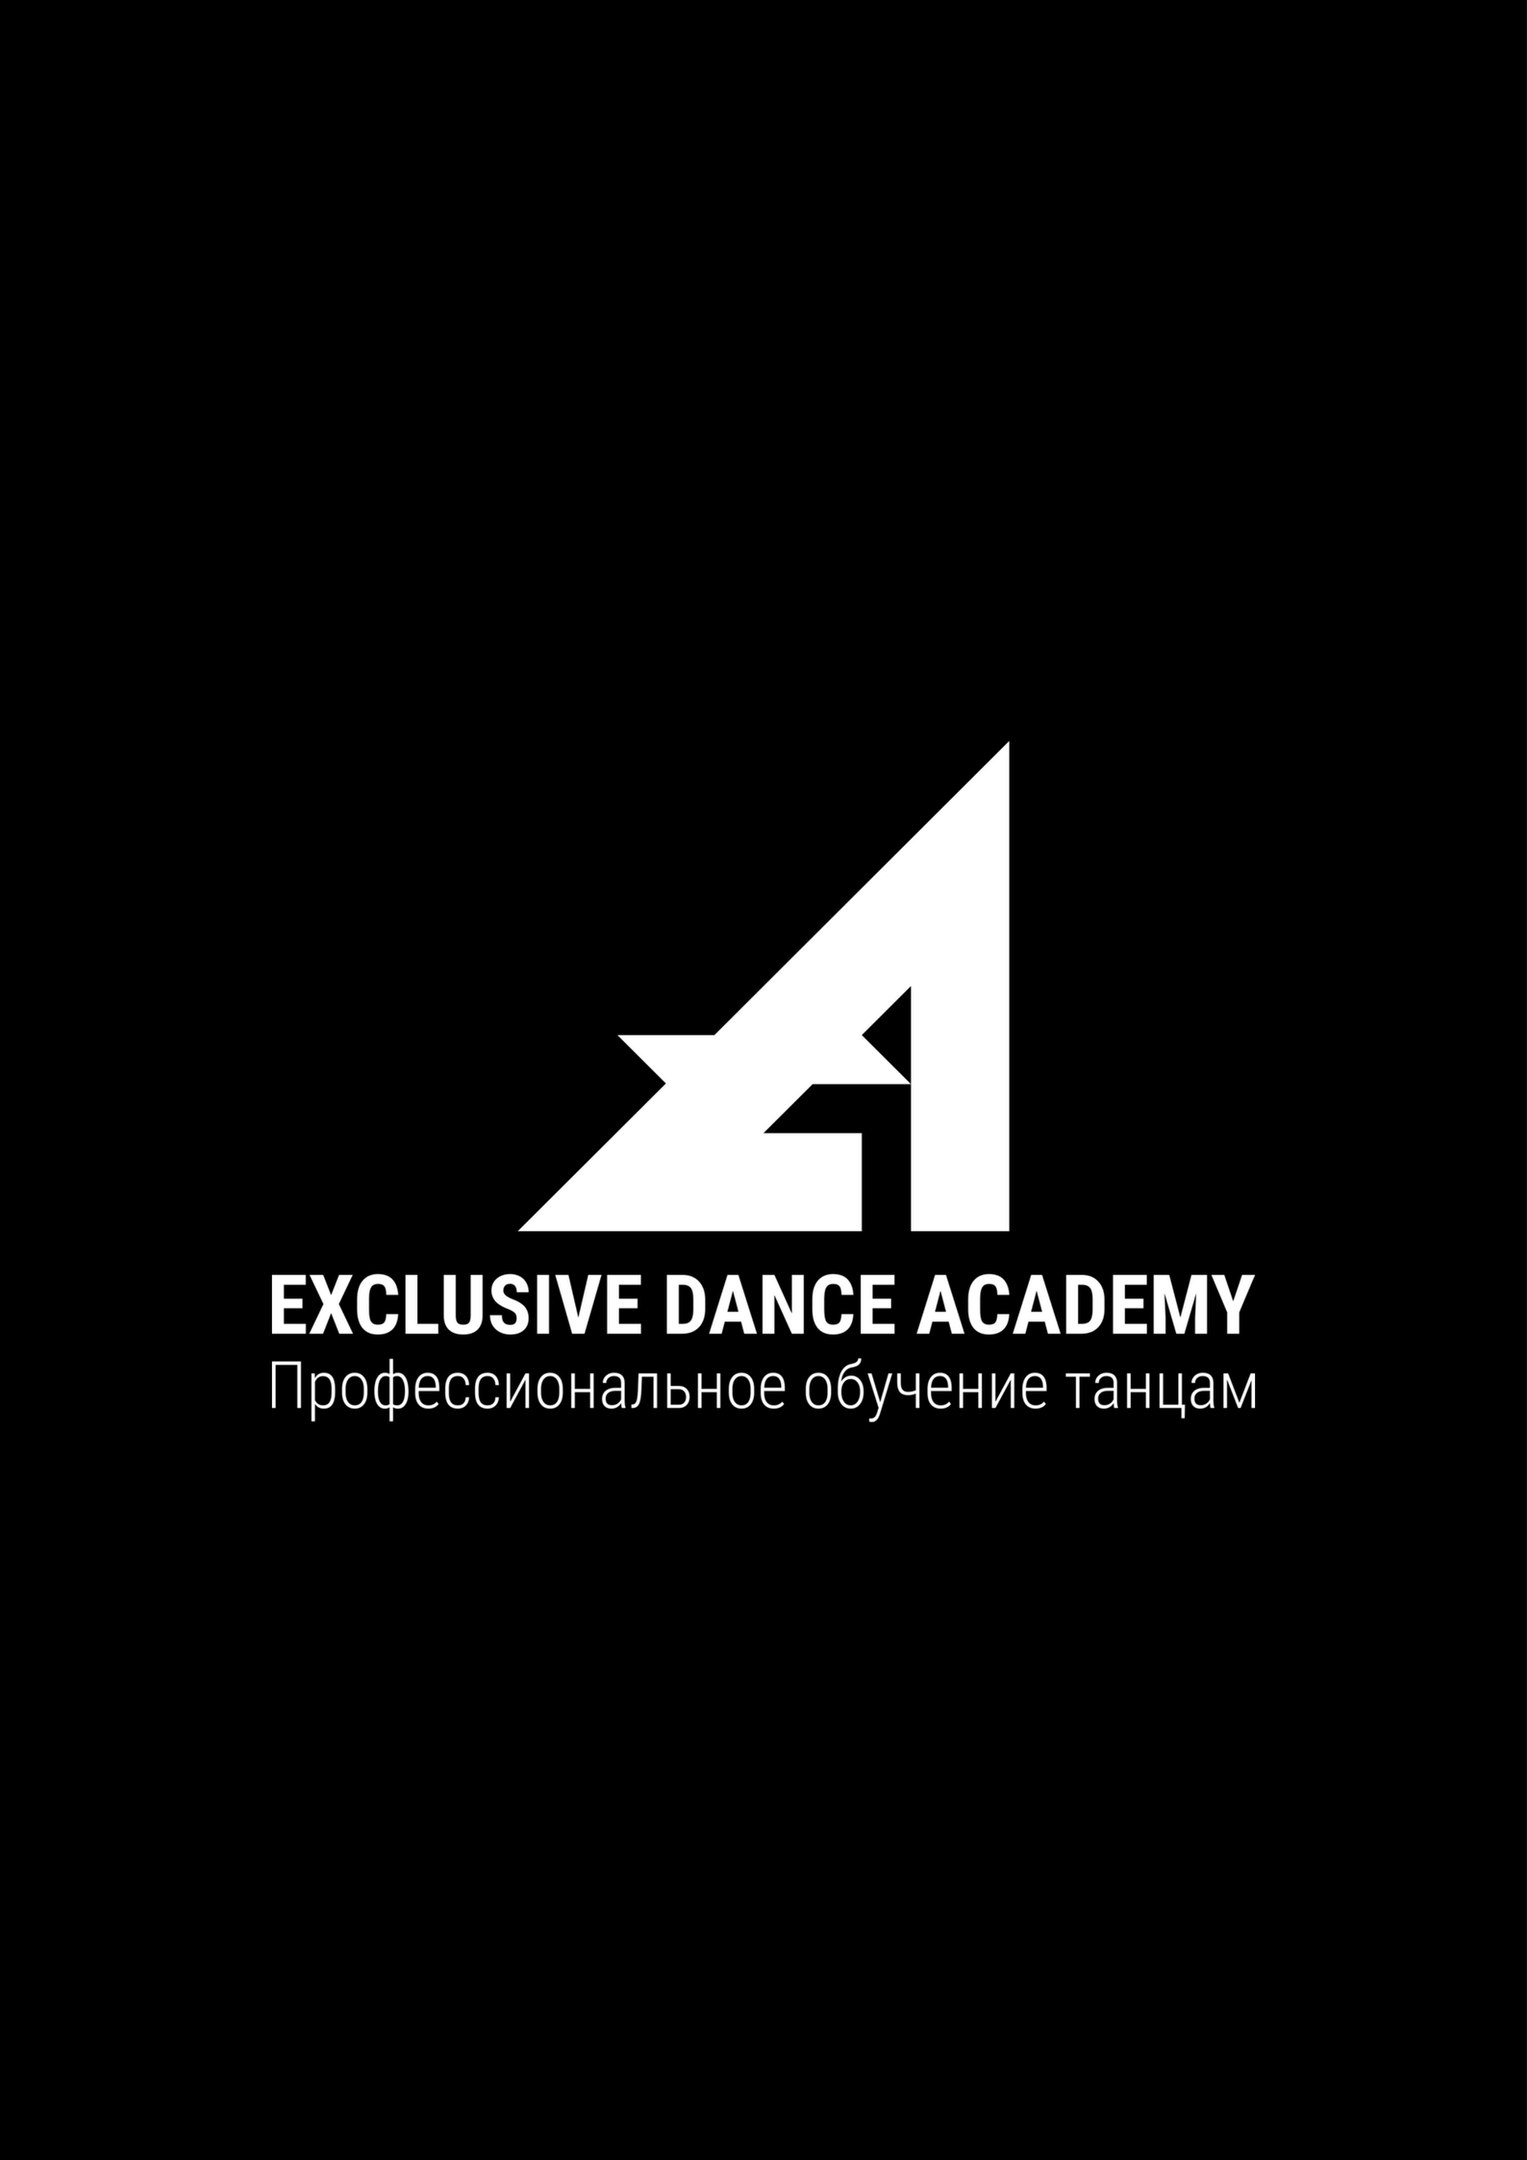 EXCLUSIVE DANCE ACADEMY - мы обучаем танцоров с нуля и до профессионального уровня.